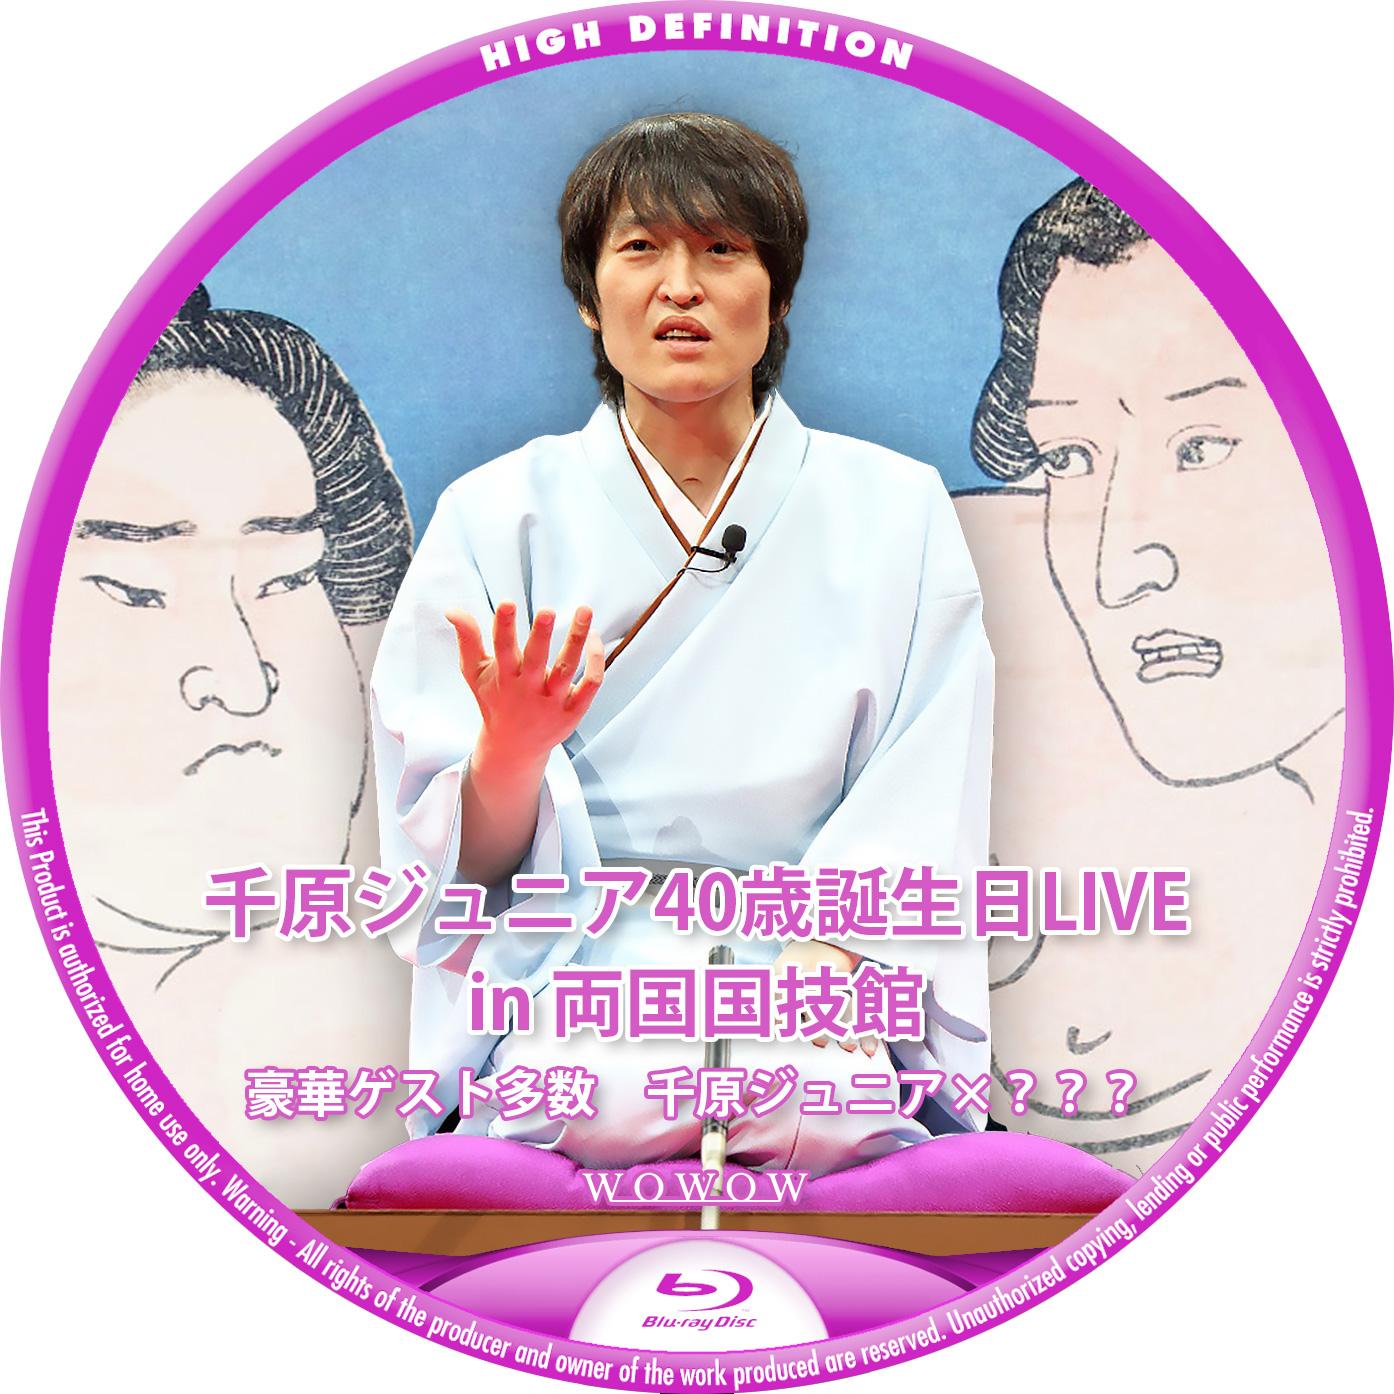 千原ジュニア LIVE WOWOW BDラベル